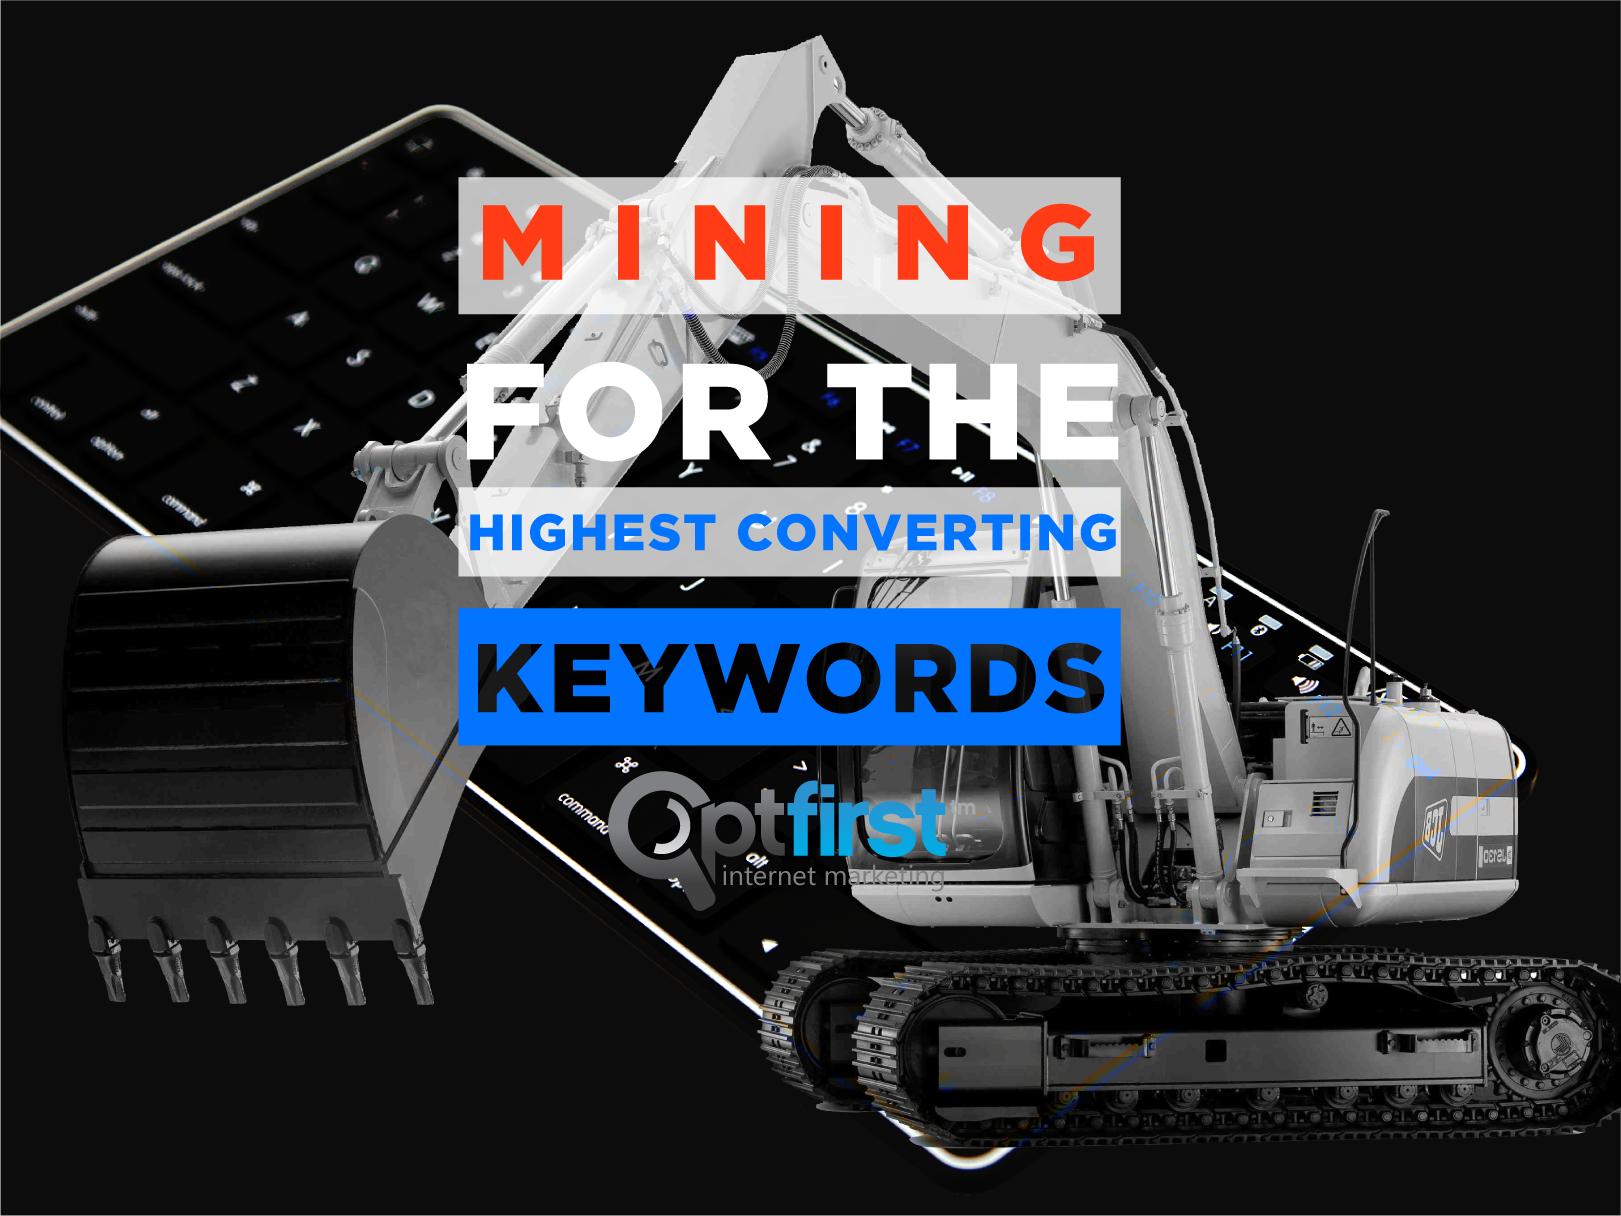 Highest Converting Keywords